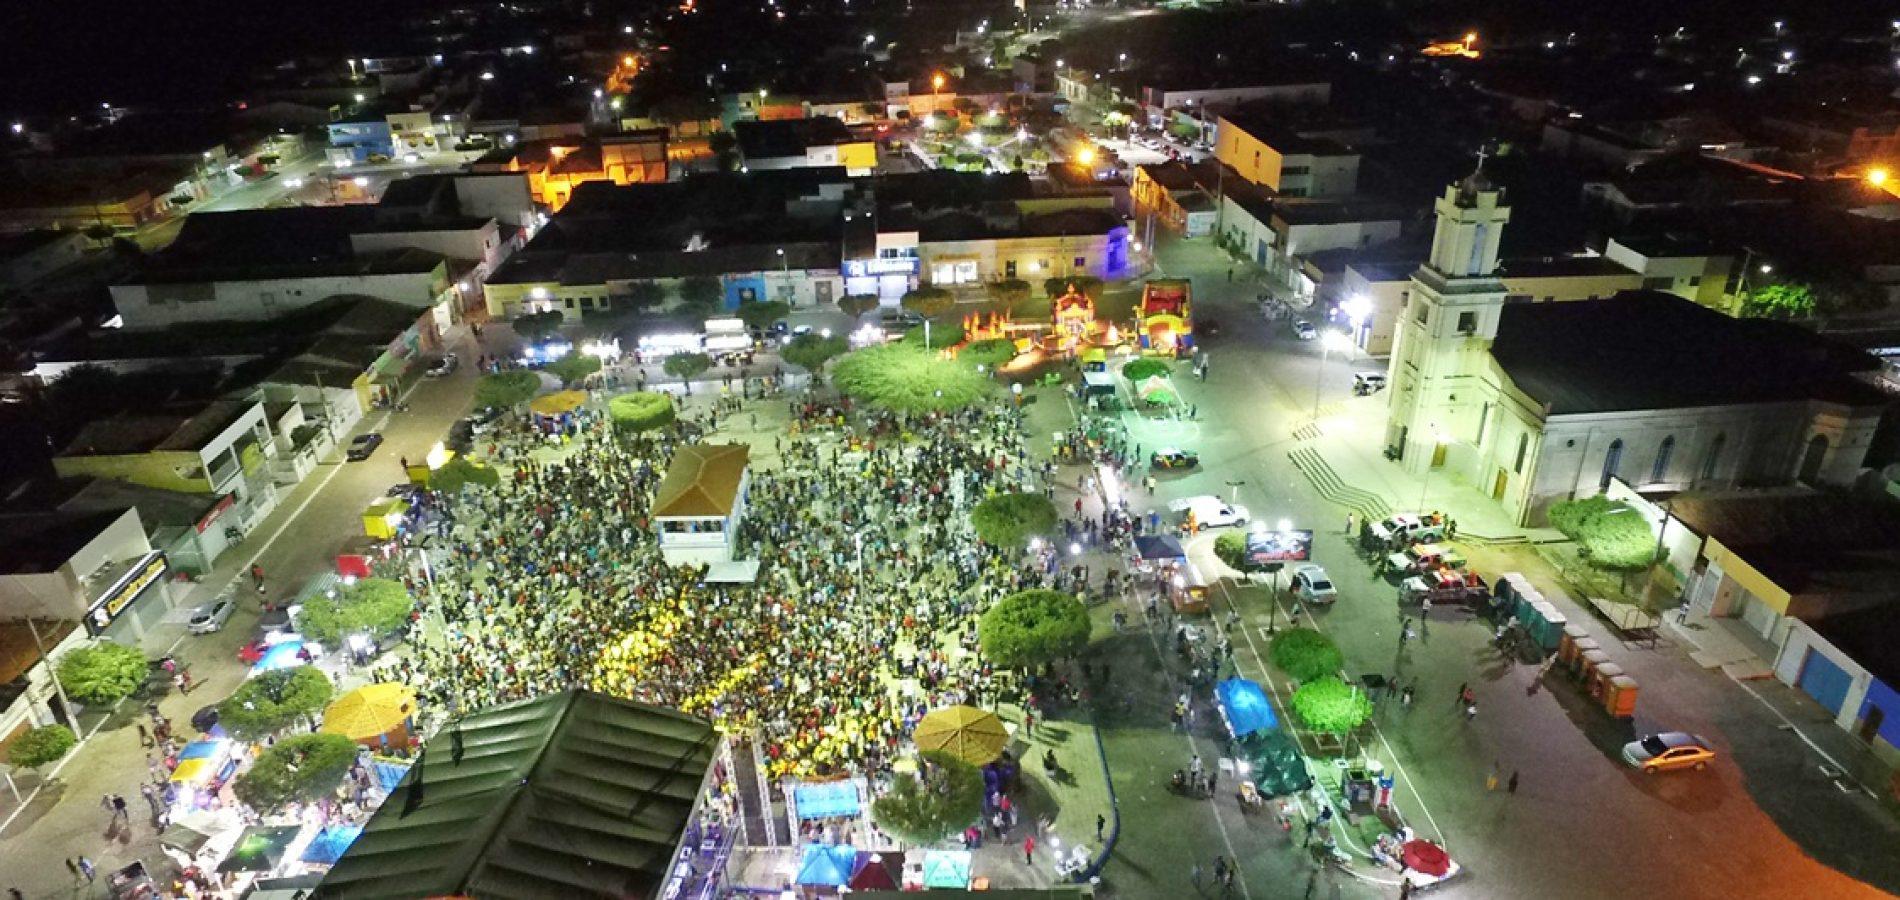 7e77d33c9665 Simões comemora 64 anos de história e festas atraem multidão à cidade dos  ventos